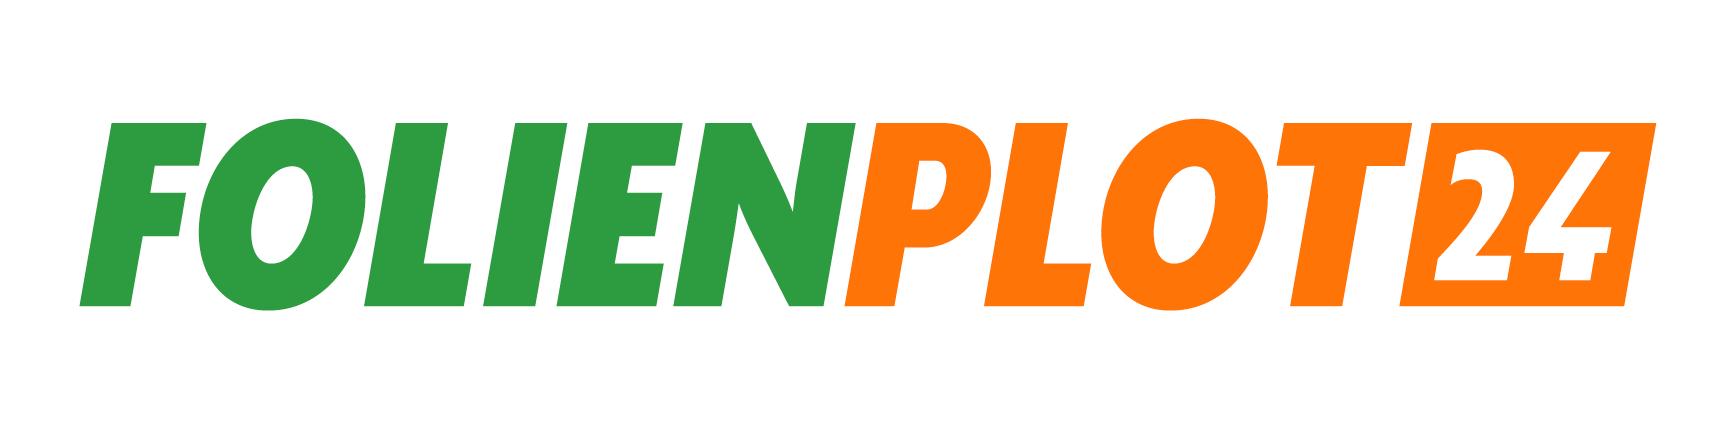 Folienplot24.de- Logo - Bewertungen